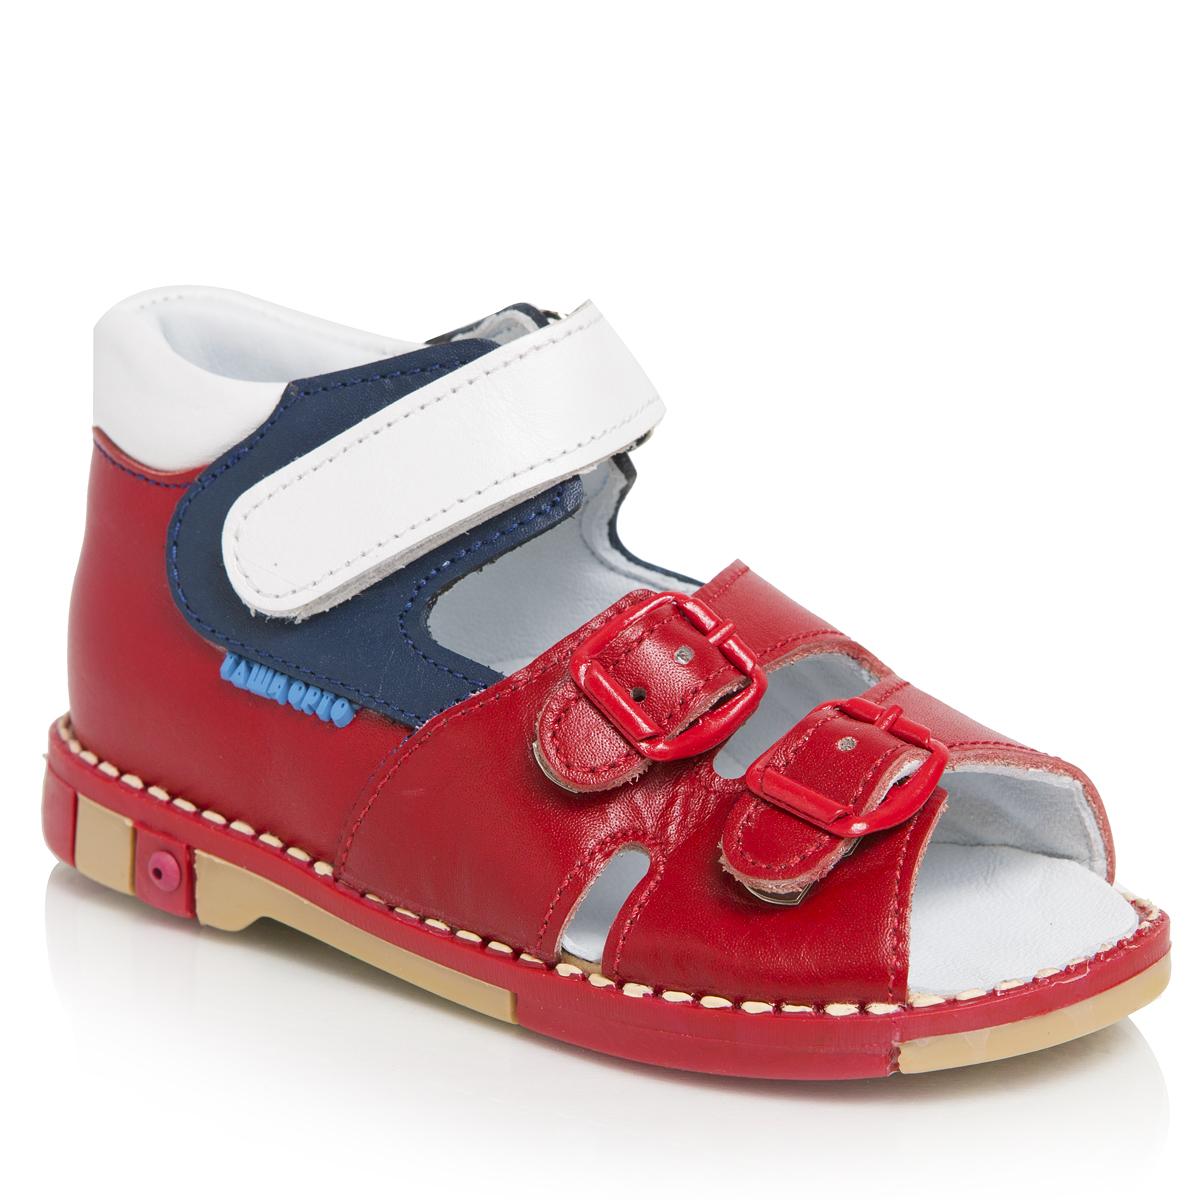 Сандалии унисекс. 301-21301-21ТАШИ ОРТО - детская профилактическая ортопедическая обувь массового производства. Ее можно носить не только детям с признаками плоскостопия и косолапия , но и для профилактики подобных отклонений. А многим детям ортопедическая обувь НЕОБХОДИМА для коррекции стопы, исправления походки и осанки.